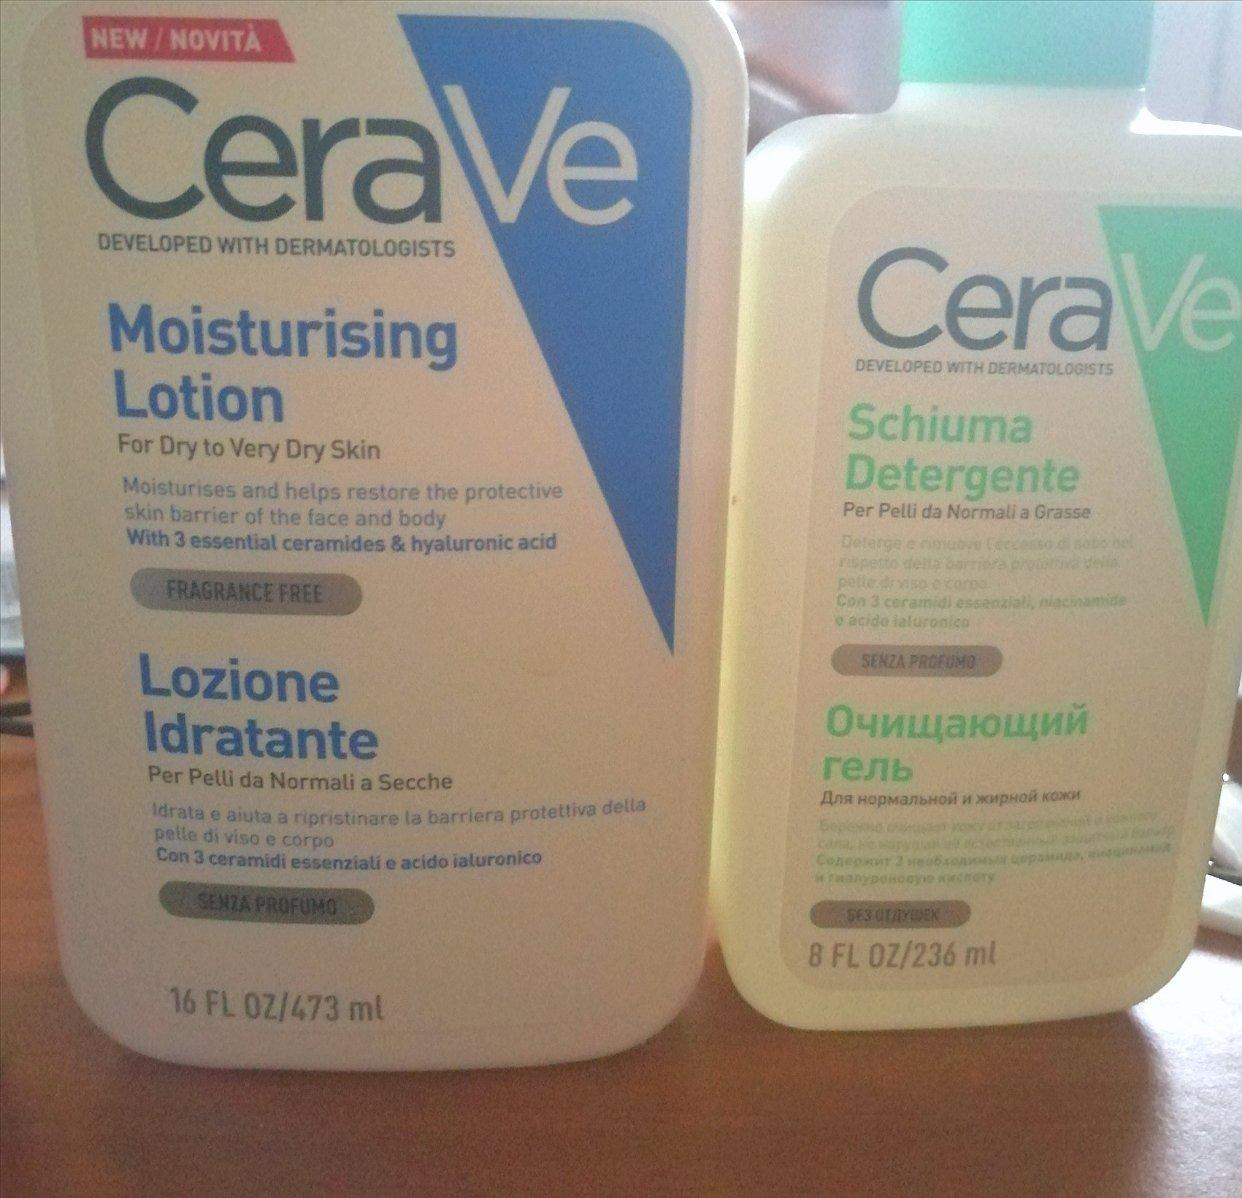 分享   Cerave的c乳和泡沫洗面奶